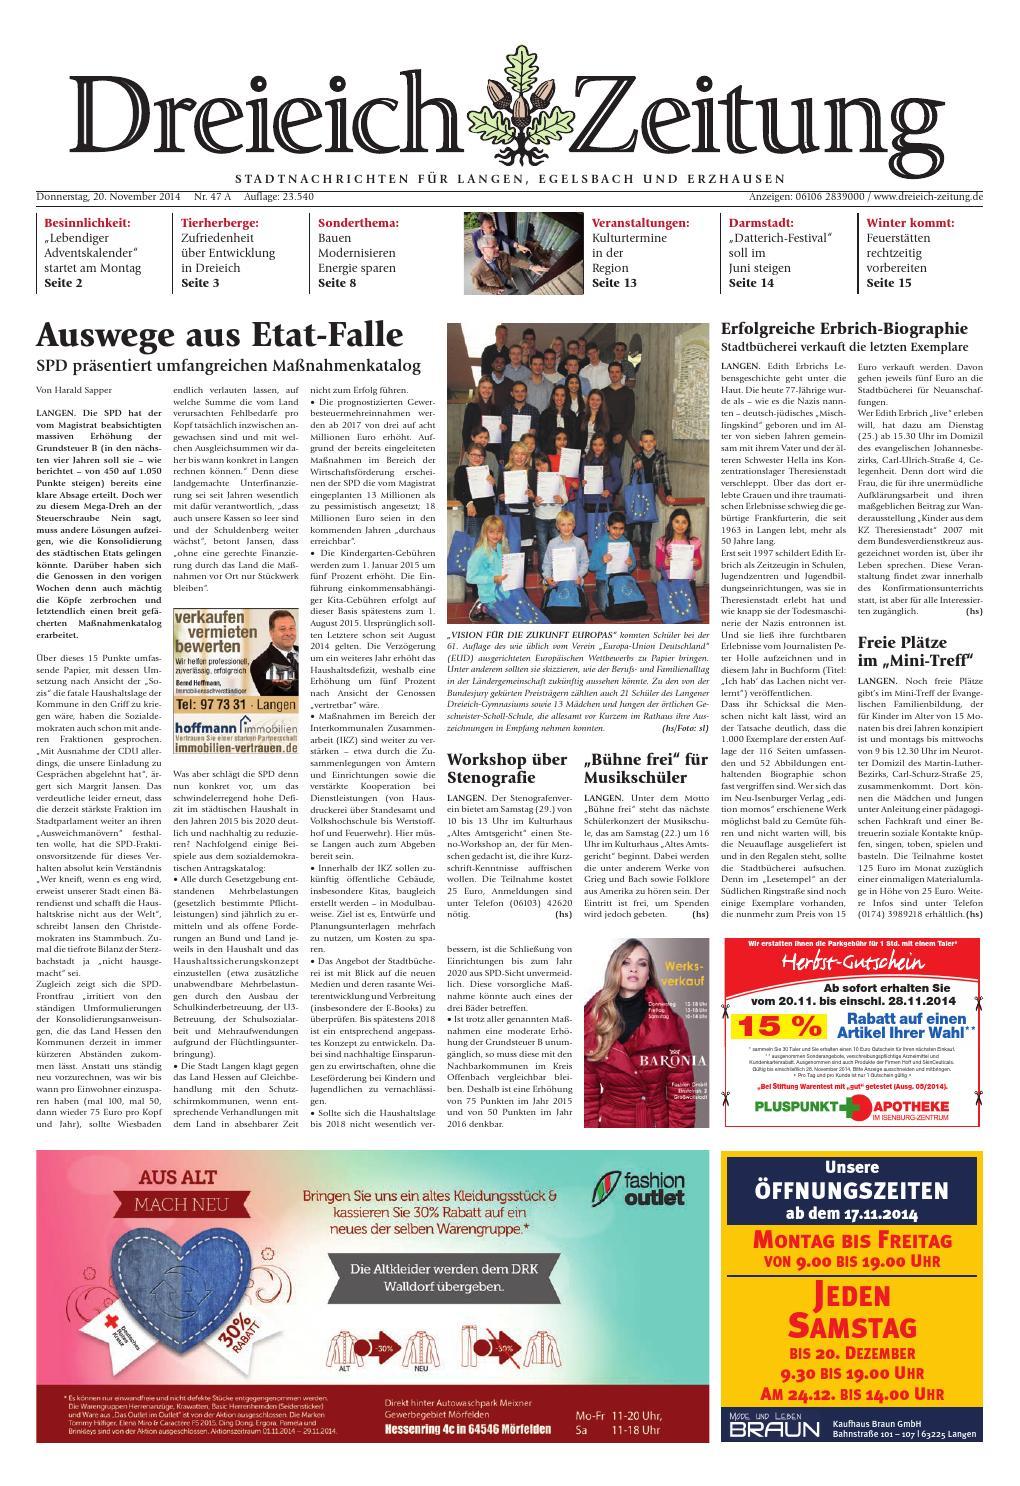 Dz online 047 14 a by Dreieich-Zeitung/Offenbach-Journal - issuu